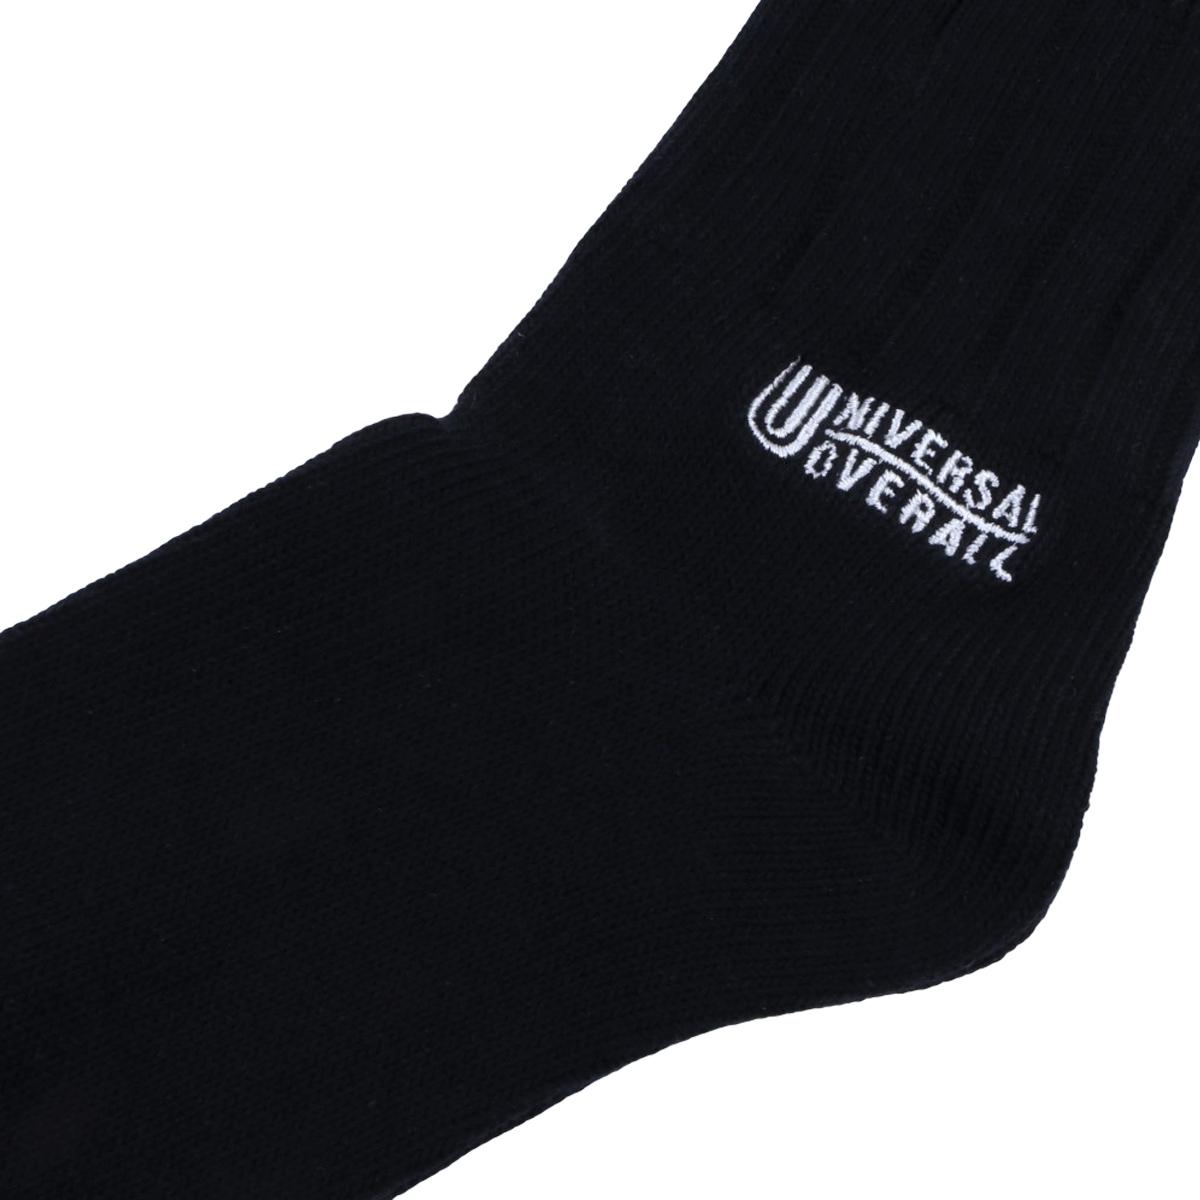 UNIVERSAL OVERALL ユニバーサルオーバーオール レディース 綿太リブ刺しゅうクルー